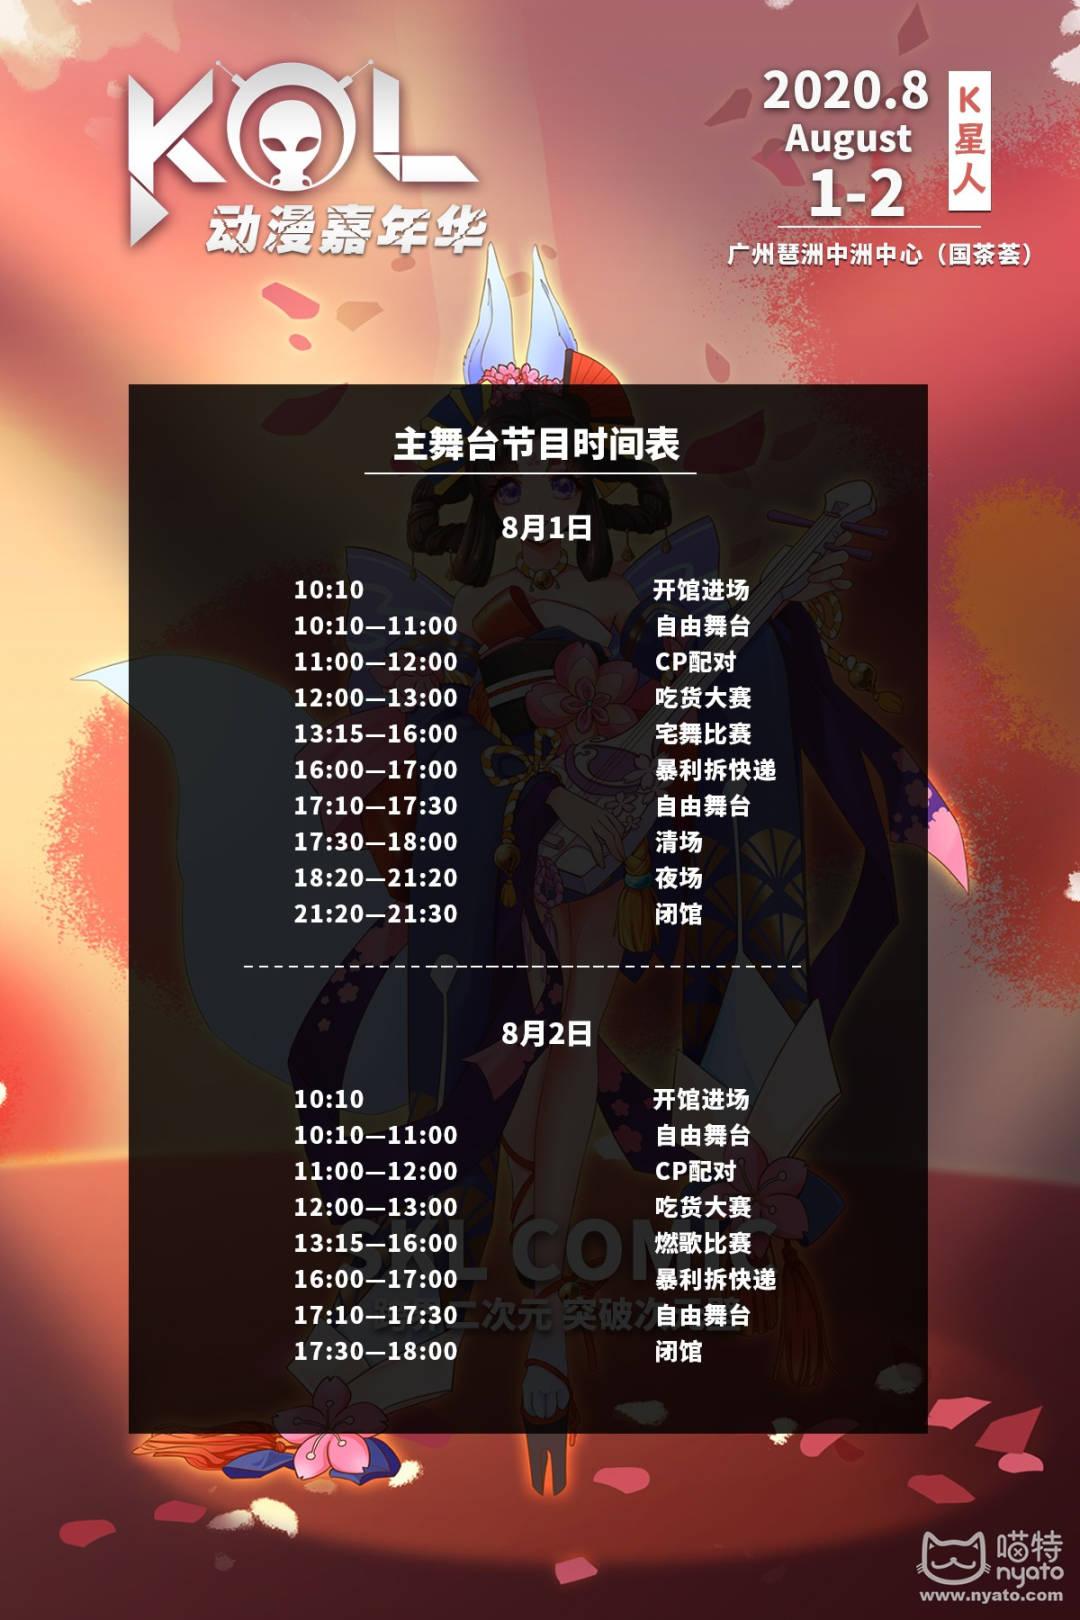 主舞台时间表.jpg